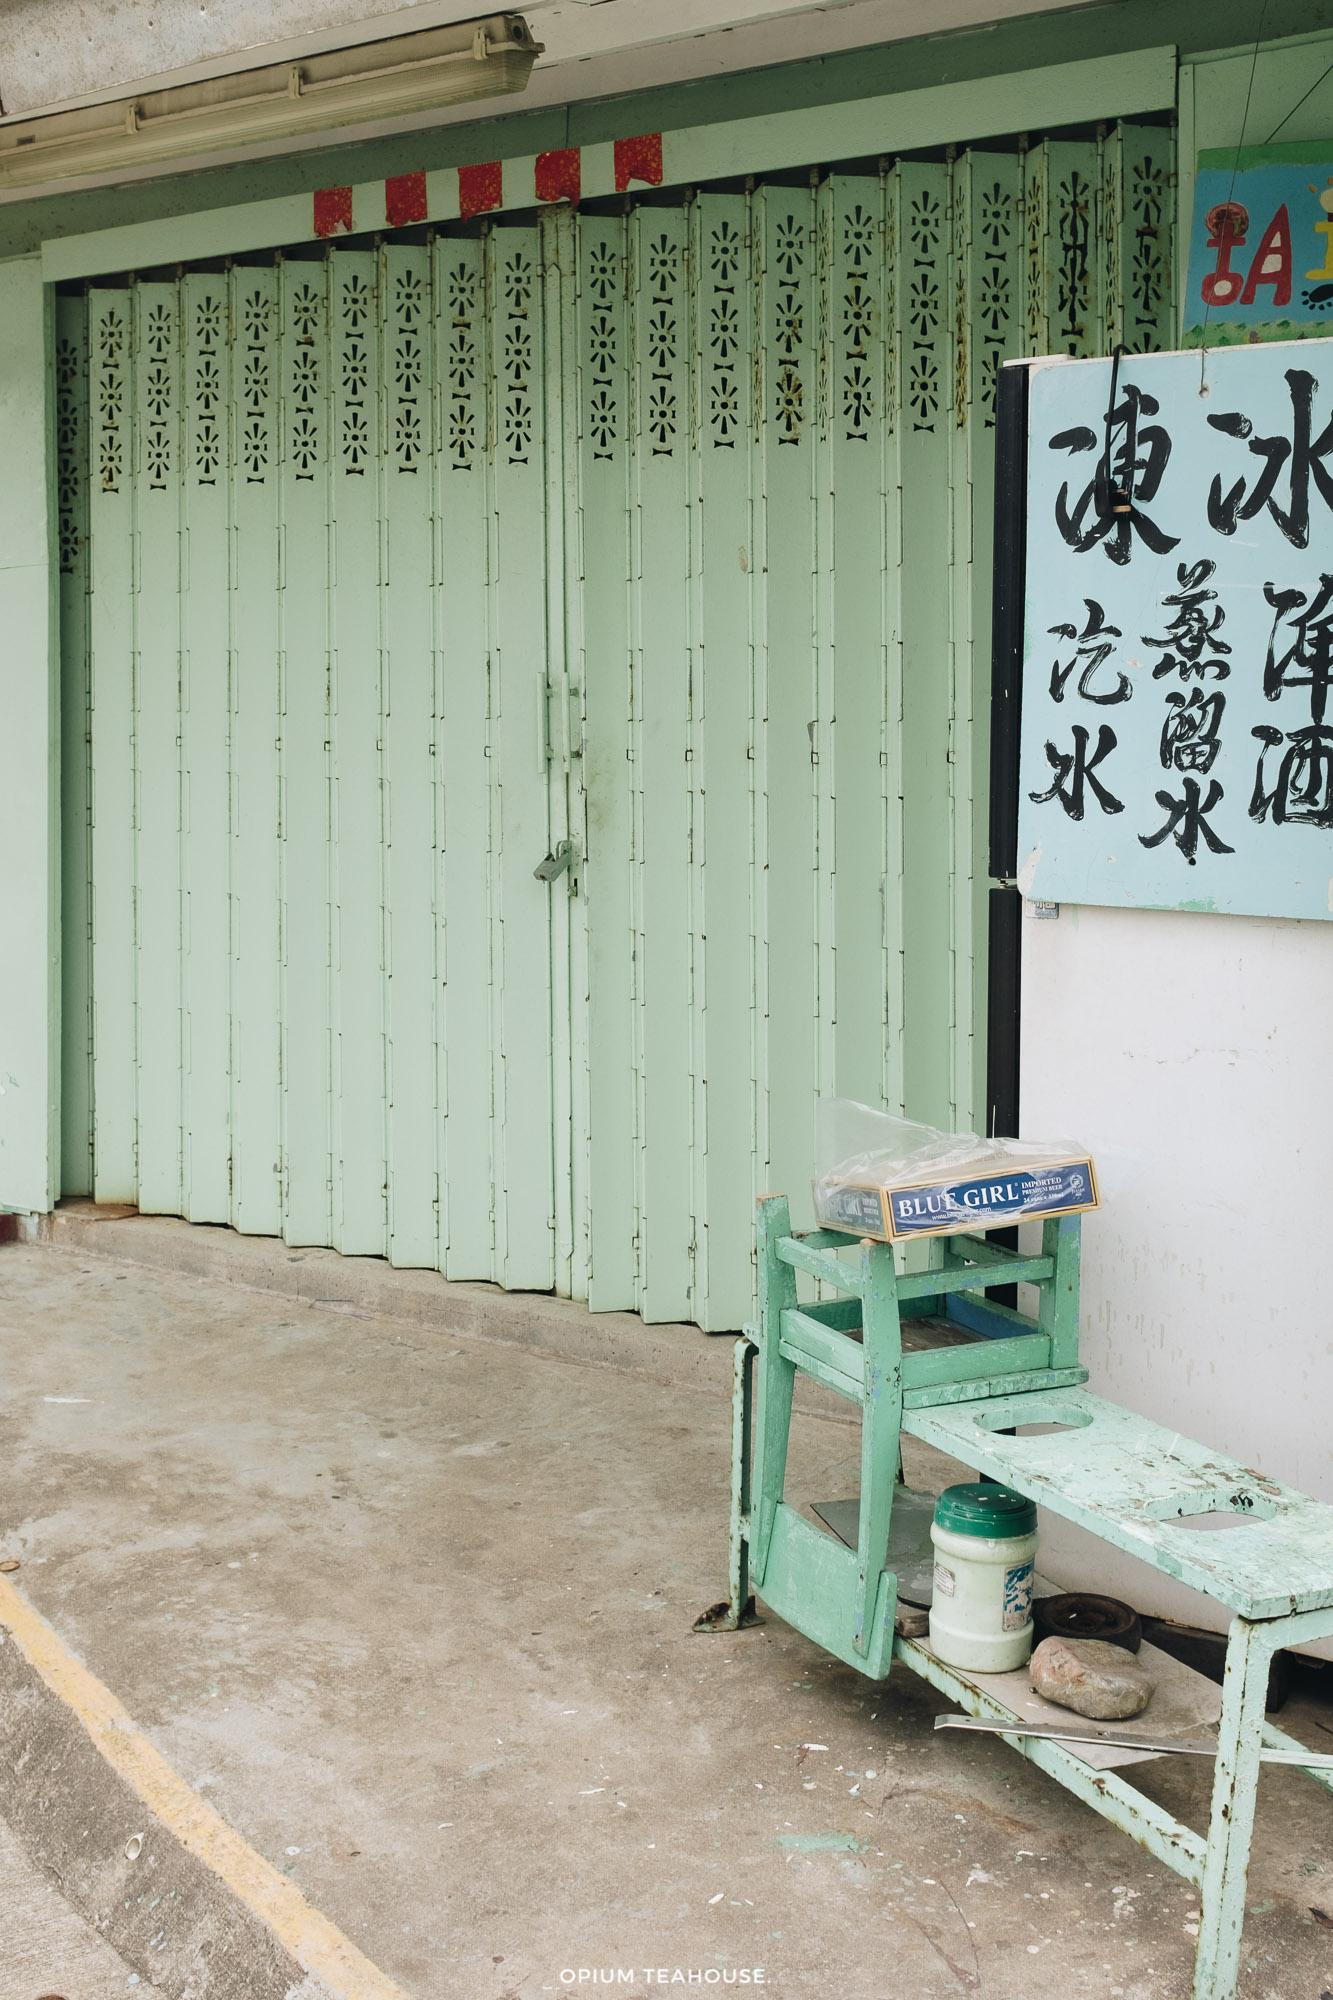 OTH_9845_2017, Hong Kong, Tai O.jpg